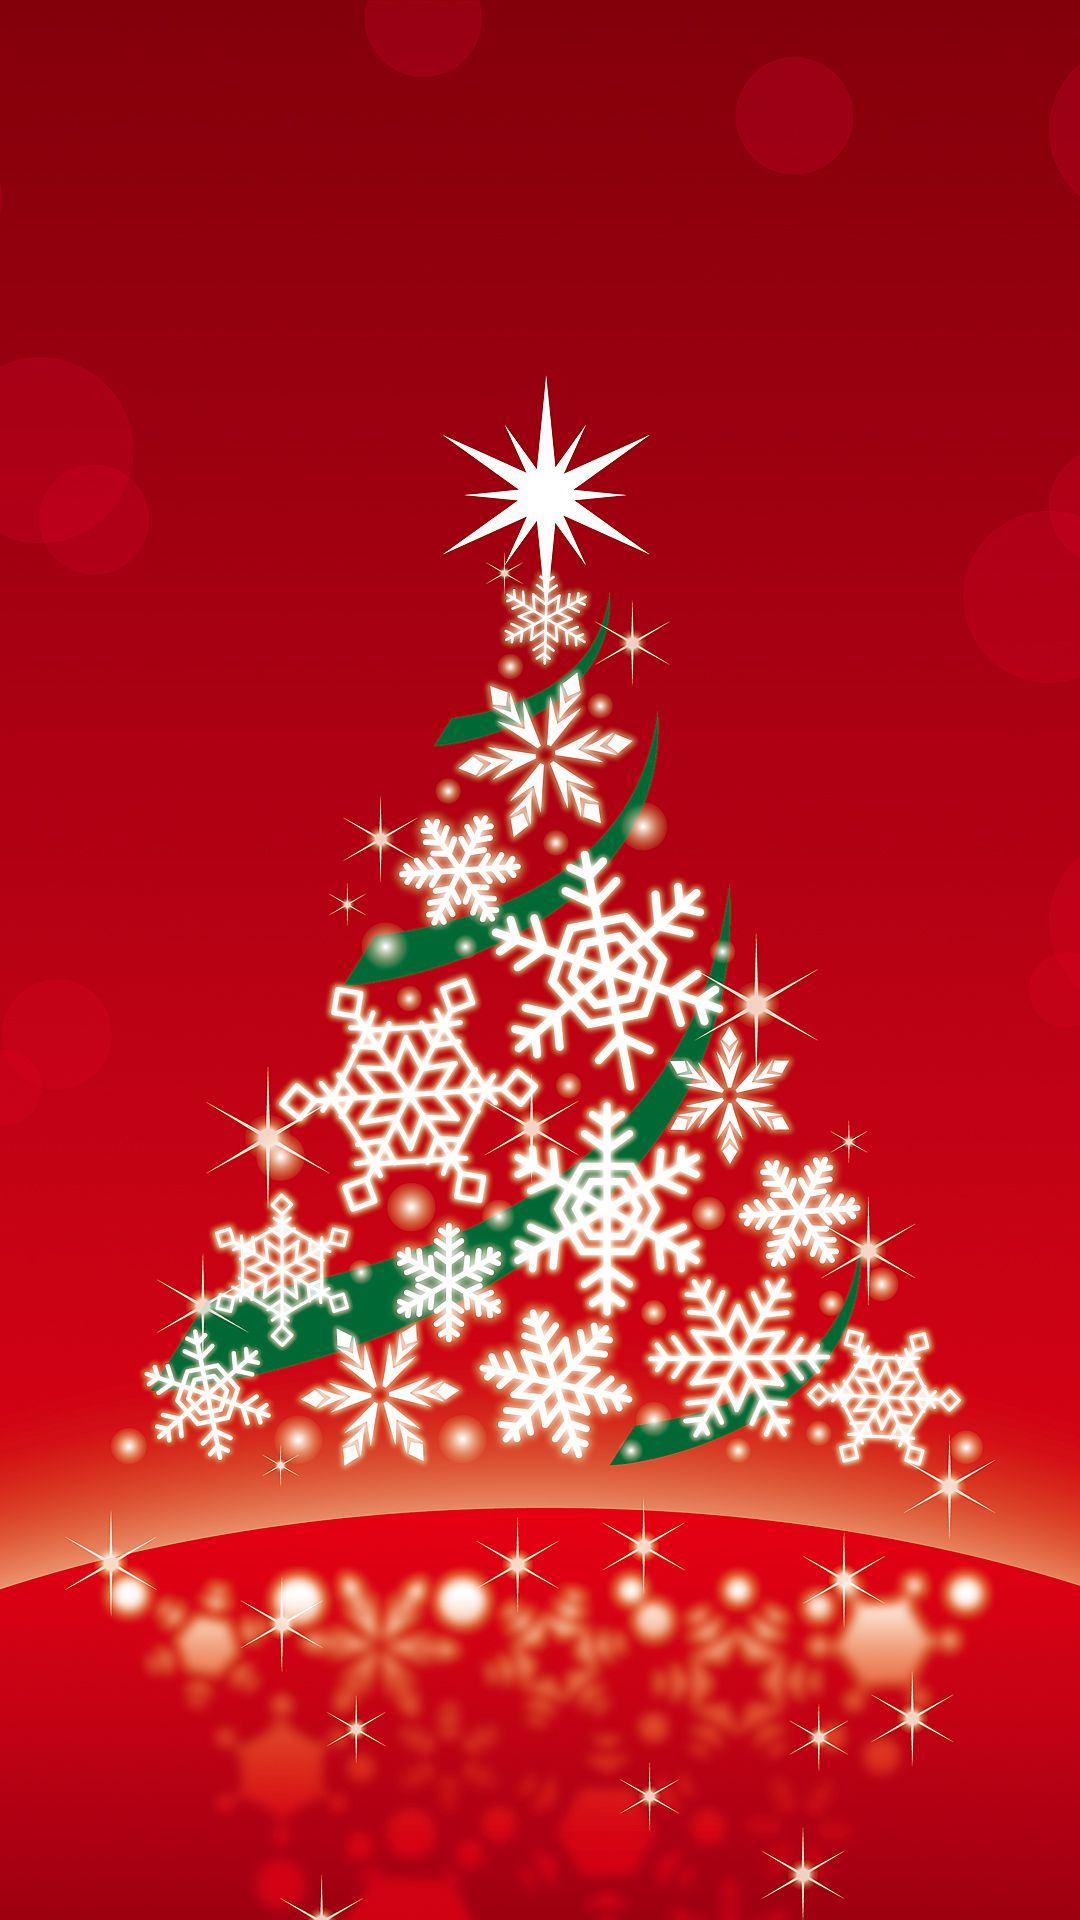 ベストセレクション クリスマス Iphone 壁紙 クリスマス壁紙